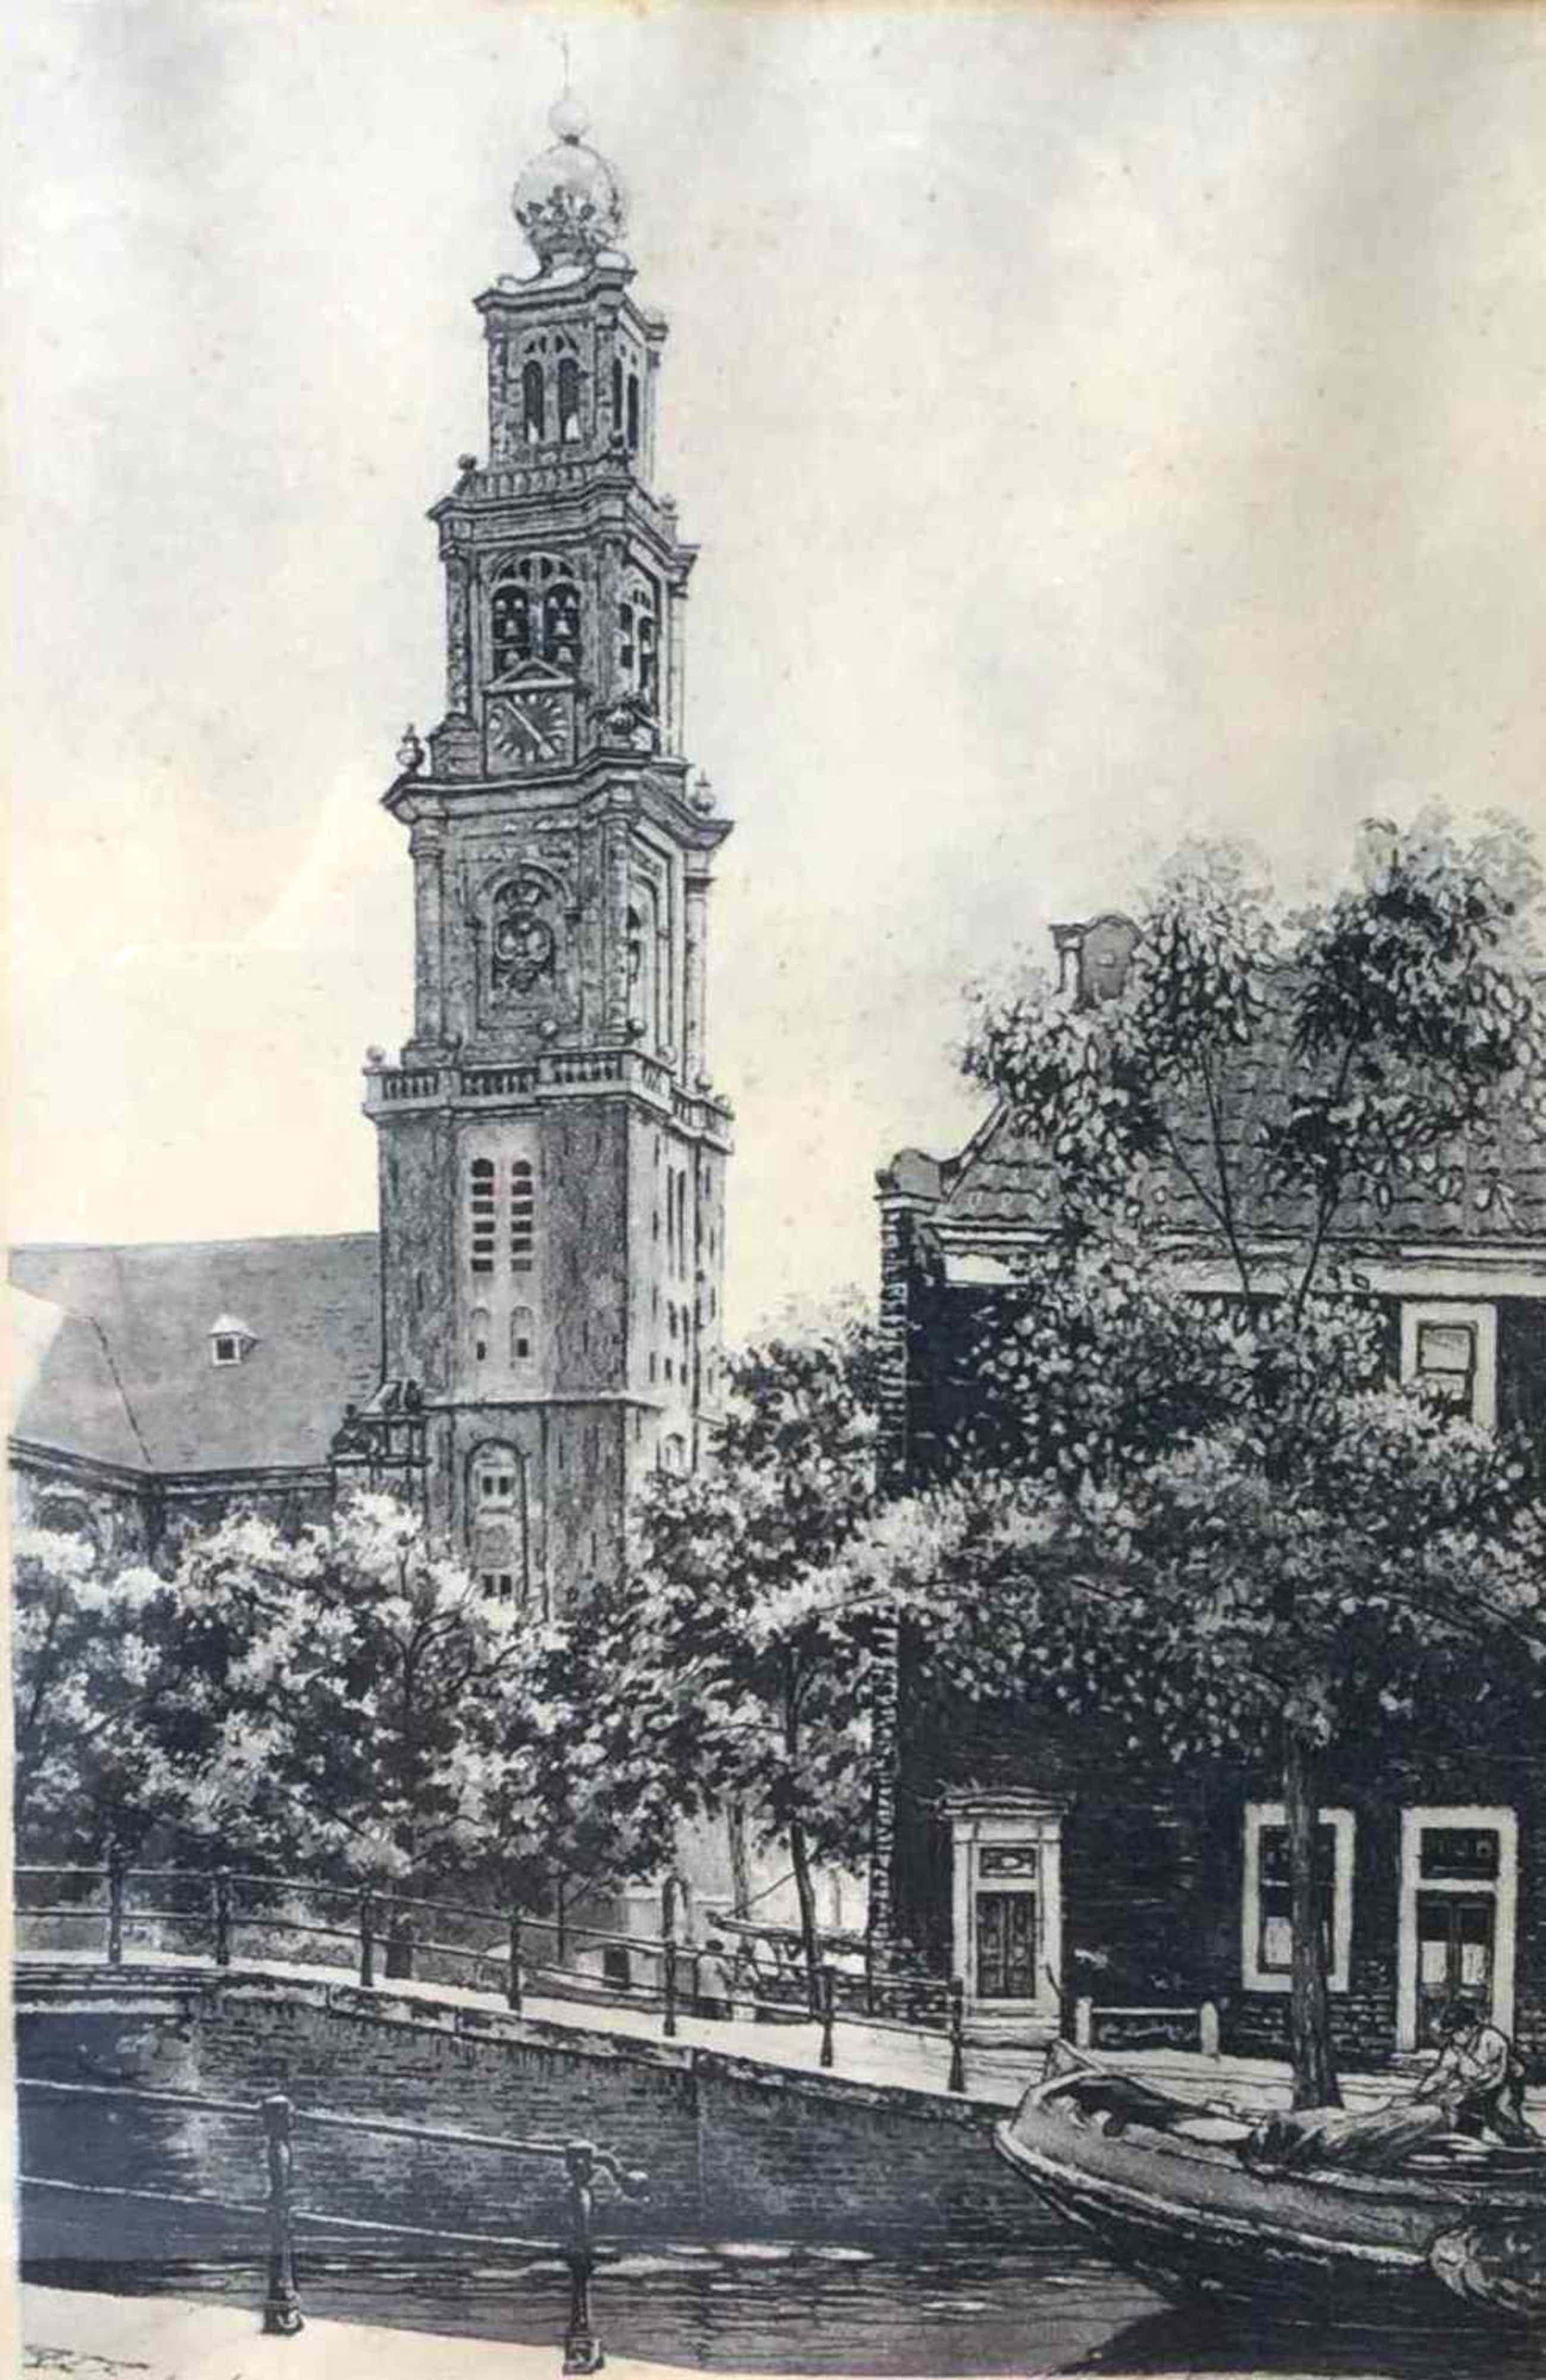 Cornelis Brandenburg - C4721-1, ets Westerkerk Amsterdam kopen? Bied vanaf 50!